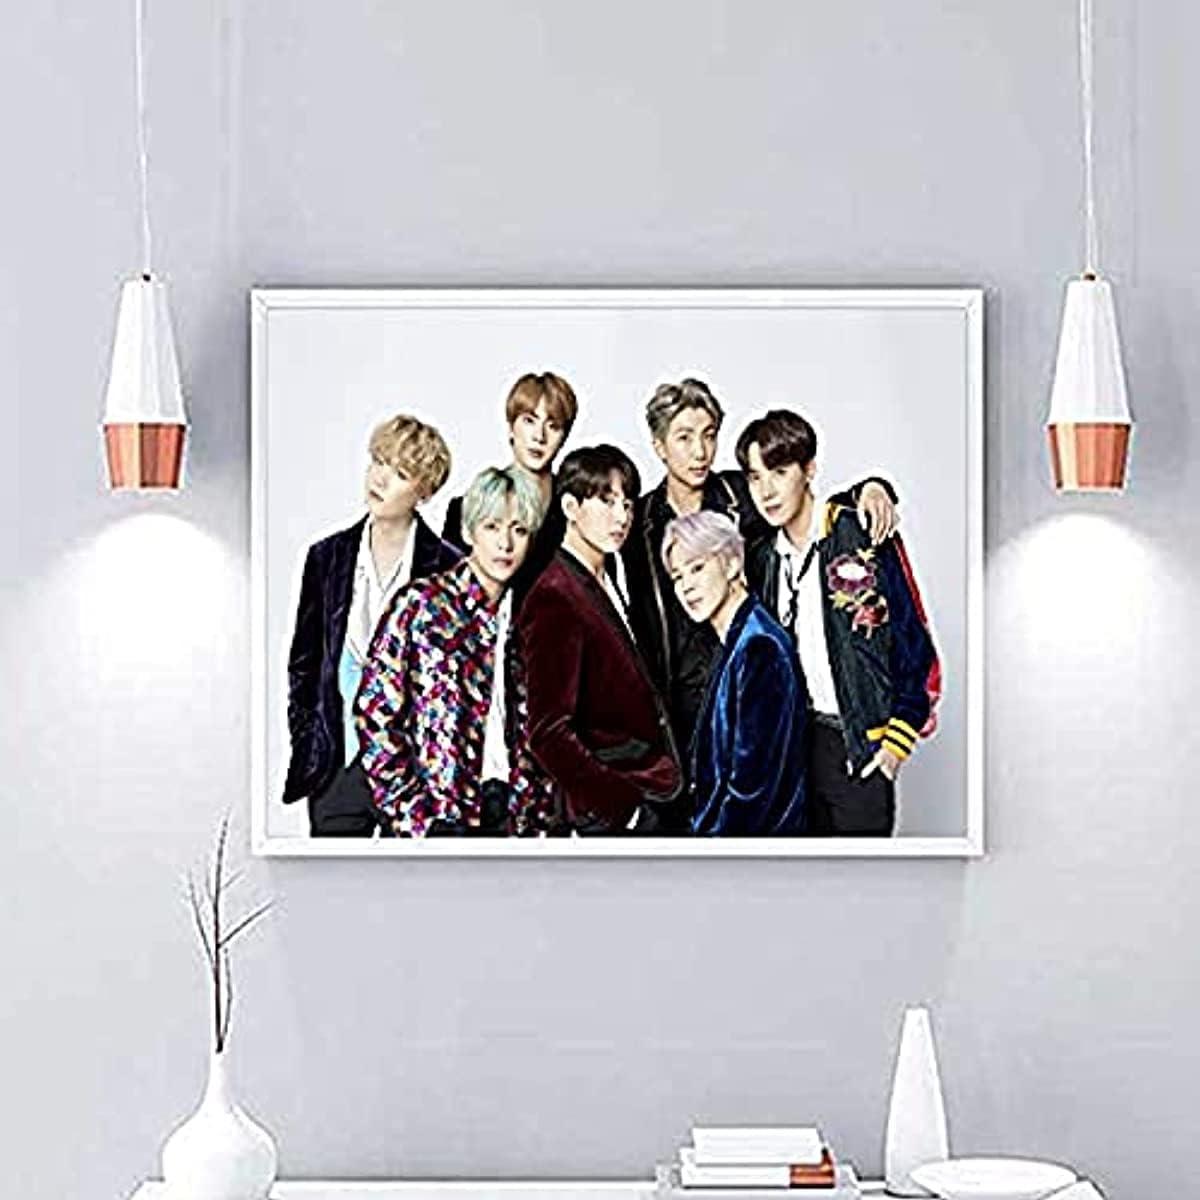 Wonner Bts Poster Kpop Jungkook Suga Jhope V Jin Jimin Rm Bangtan Boys Collage Fotografías Pósteres Impresiones De Amplificadores 20x30cm Inner_Framed